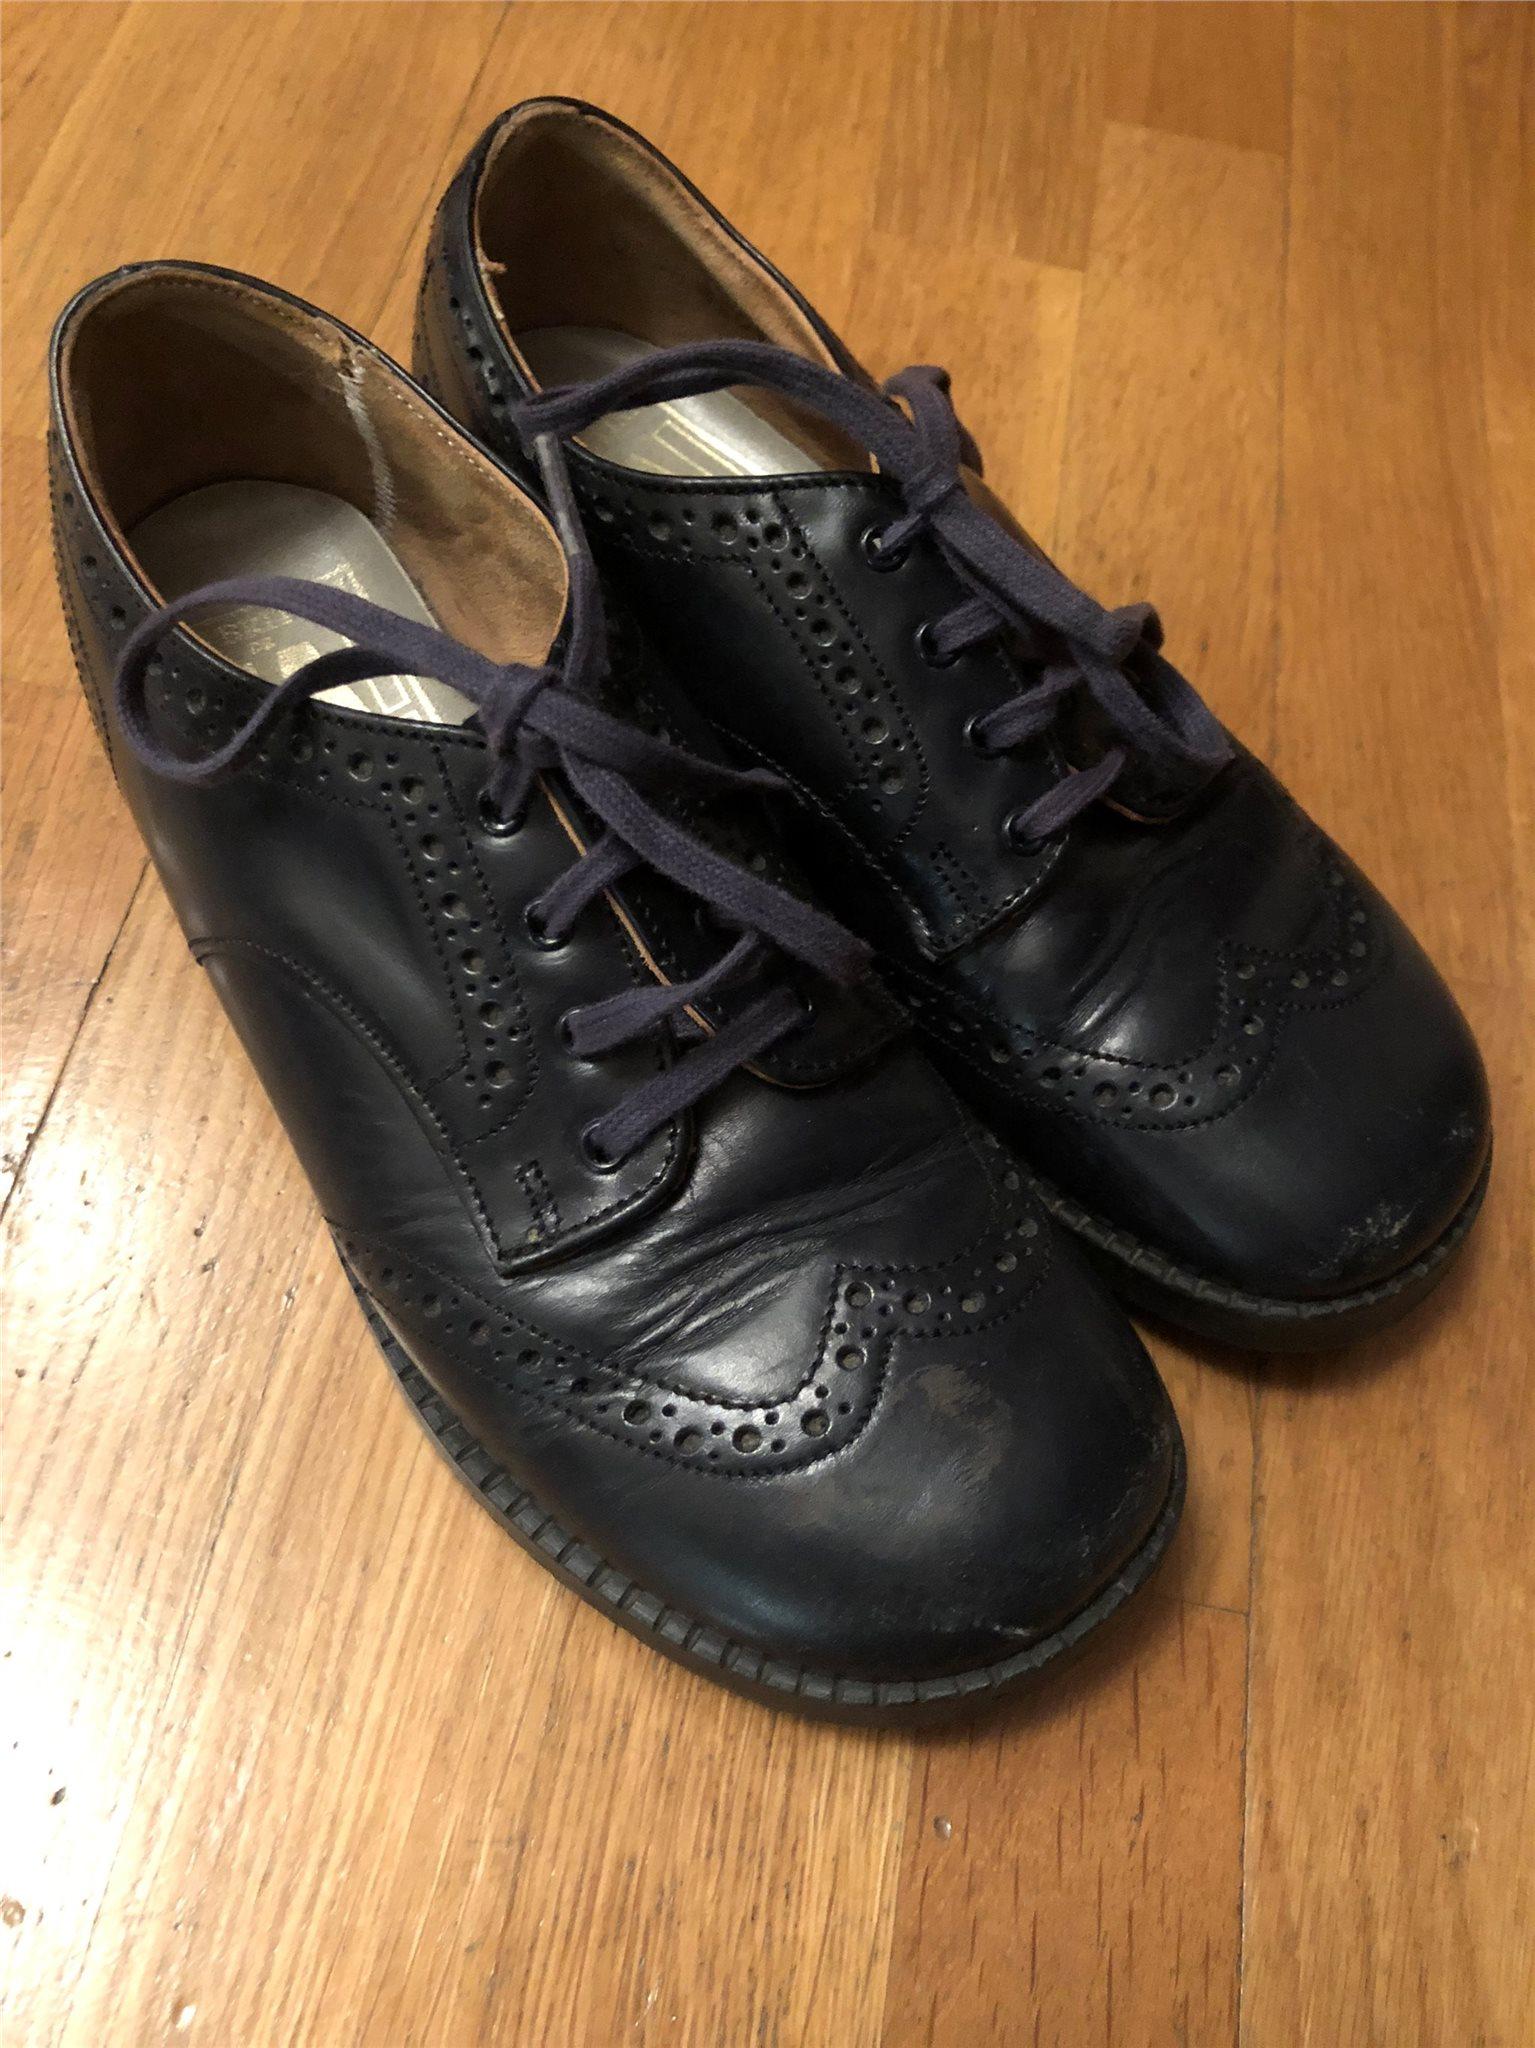 Fin sko i äkta läder. Strl 30-31. (337214300) ᐈ Köp på Tradera 18f72203fe94f